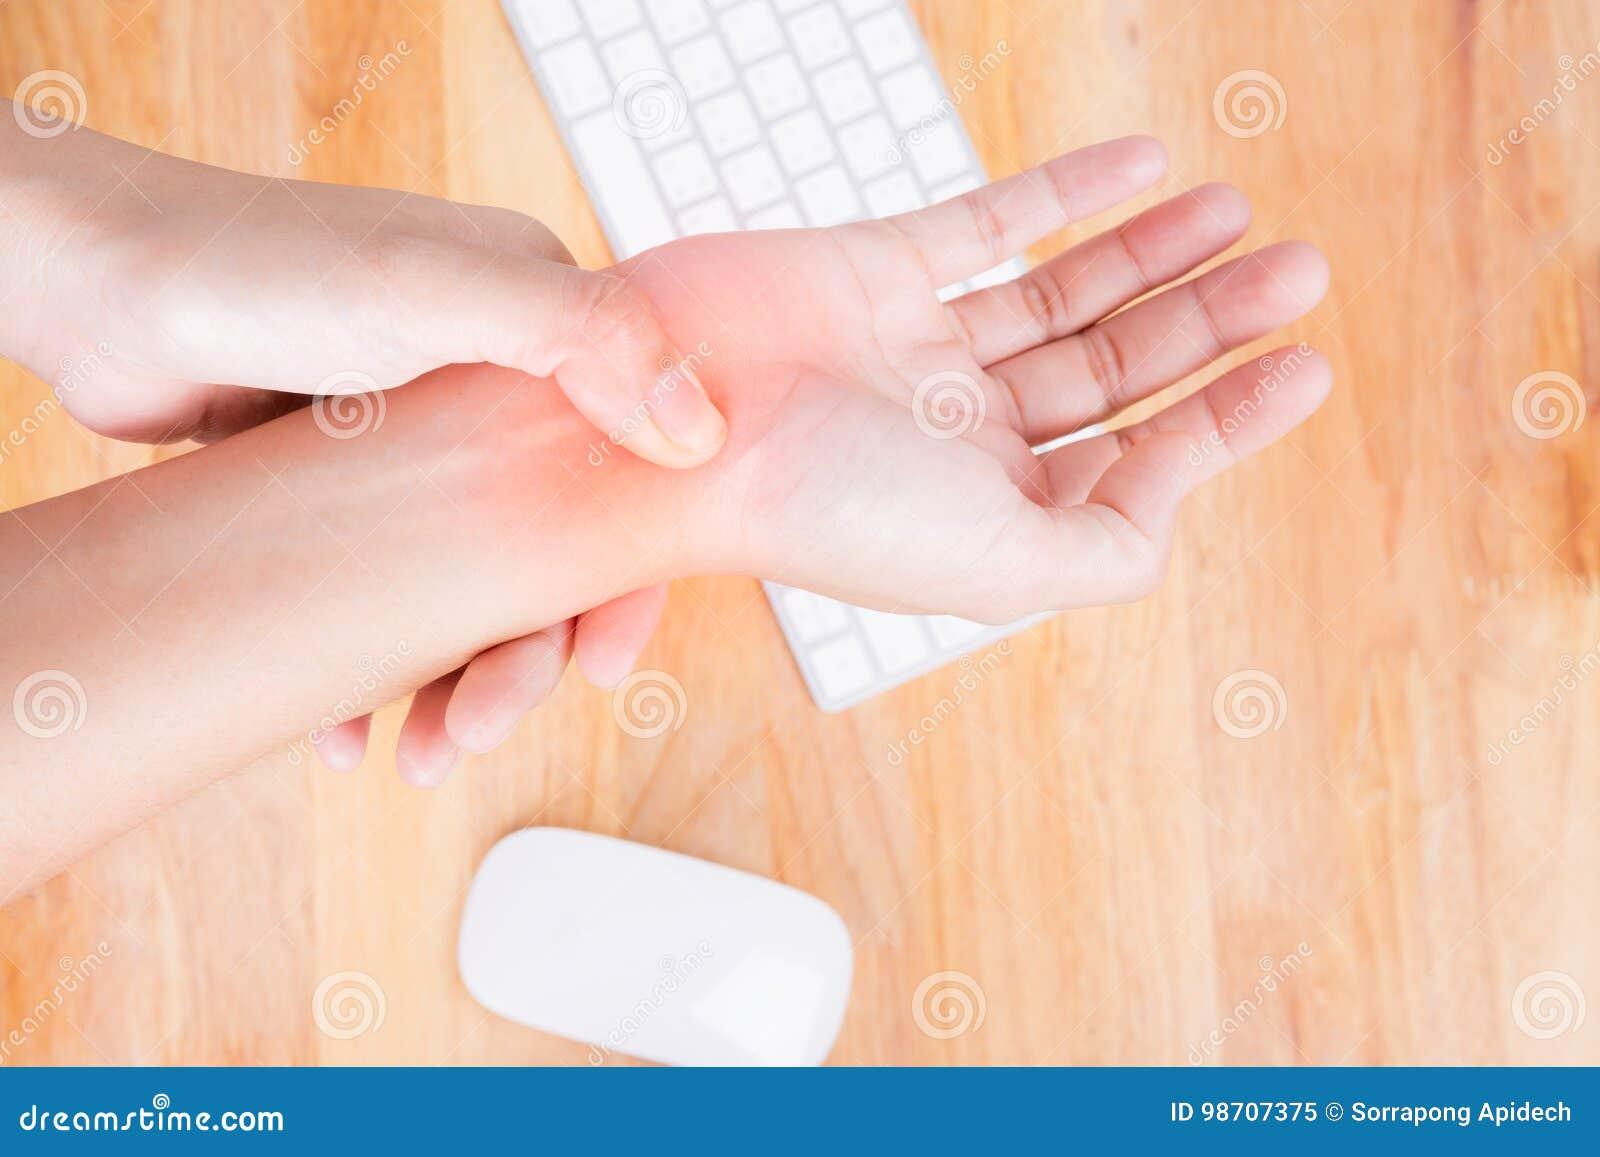 Femme asiatique massant la main douloureuse